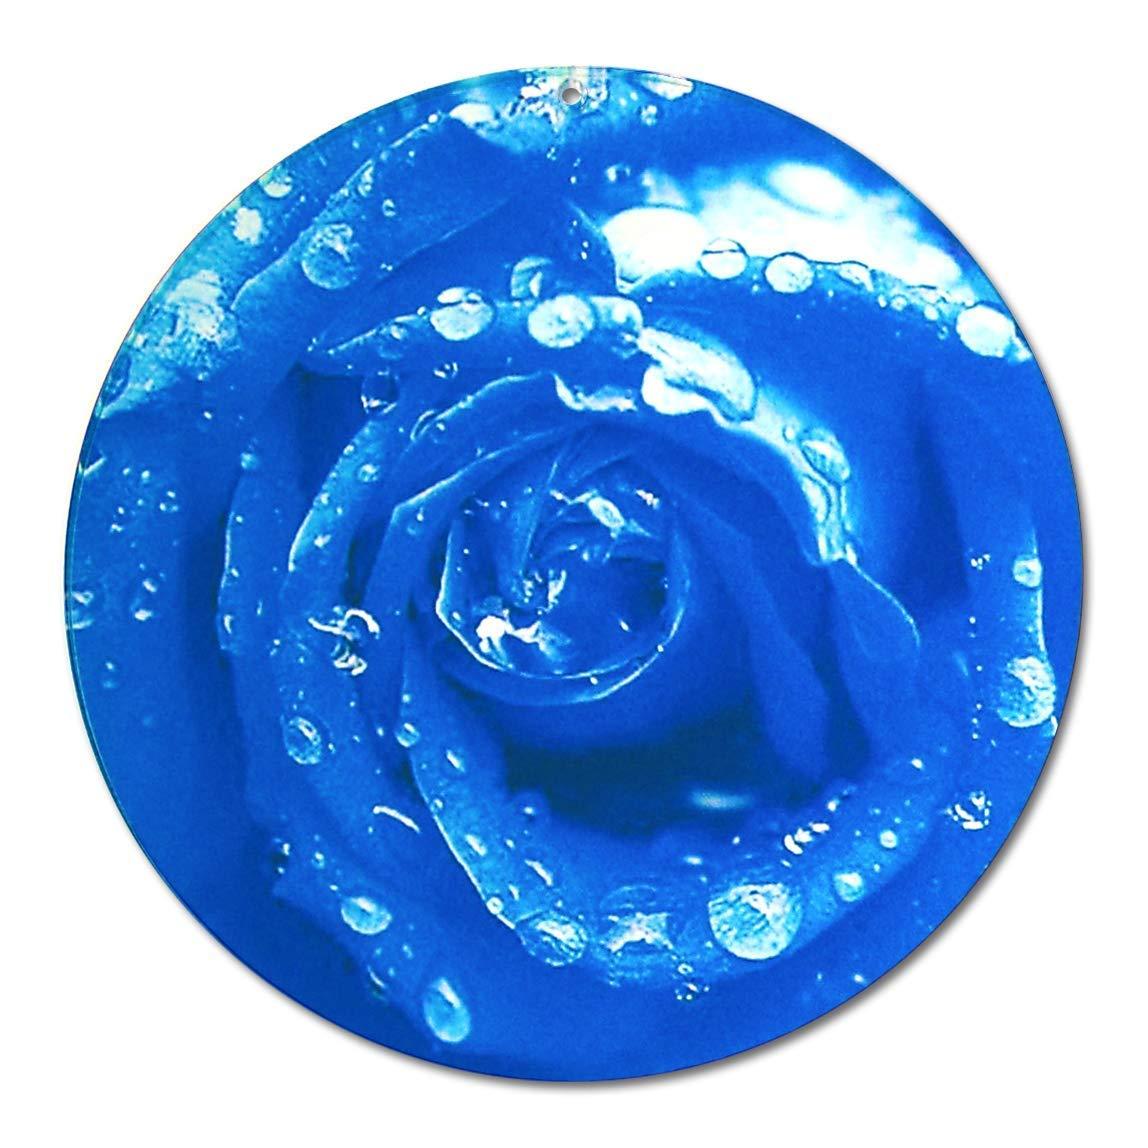 Sonnenf/änger Rose blau Nr 25 EINWEG Verpackung /Ø 10cm Blumen Pflanzen Natur Aufh/änger Fensterbild bruchsicheres Acrylglas Suncatcher Blickfang Geschenk Dekoration